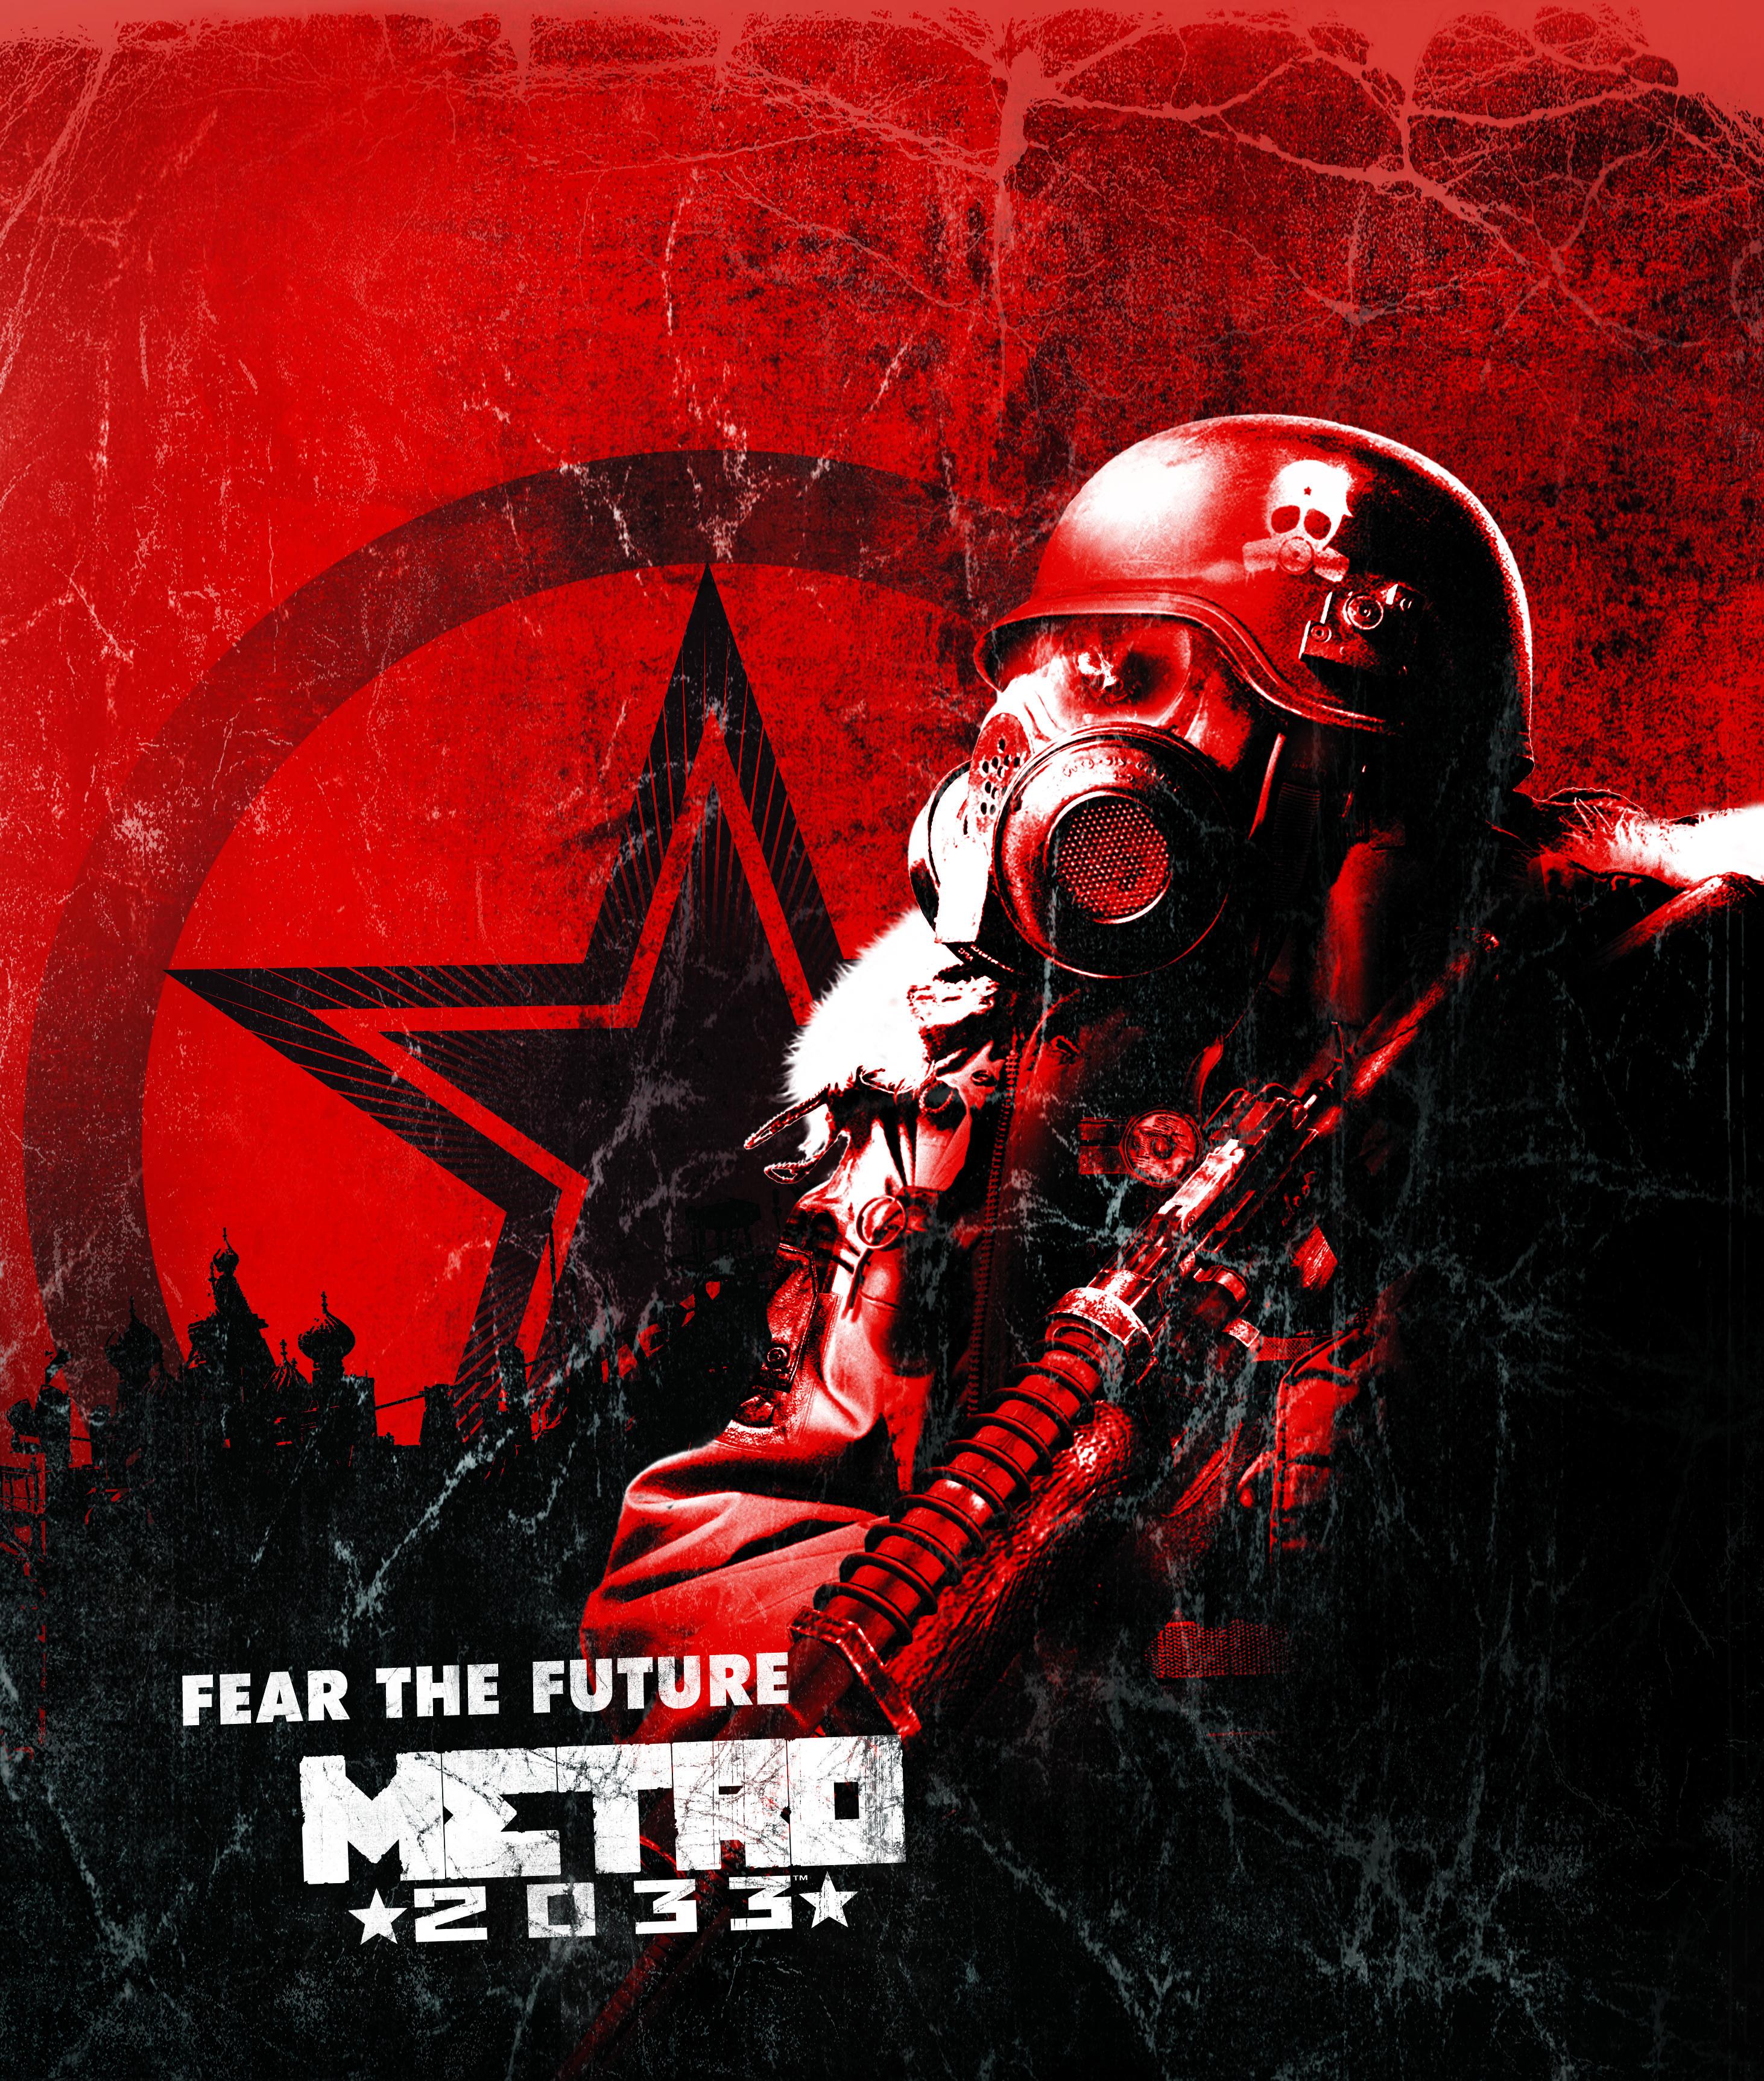 видео про метро 2033 смотреть